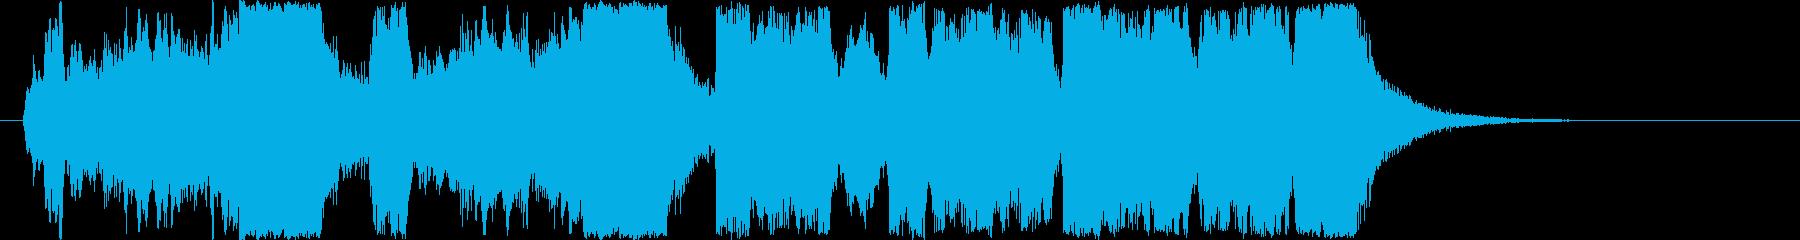 競馬風ファンファーレジングルの再生済みの波形